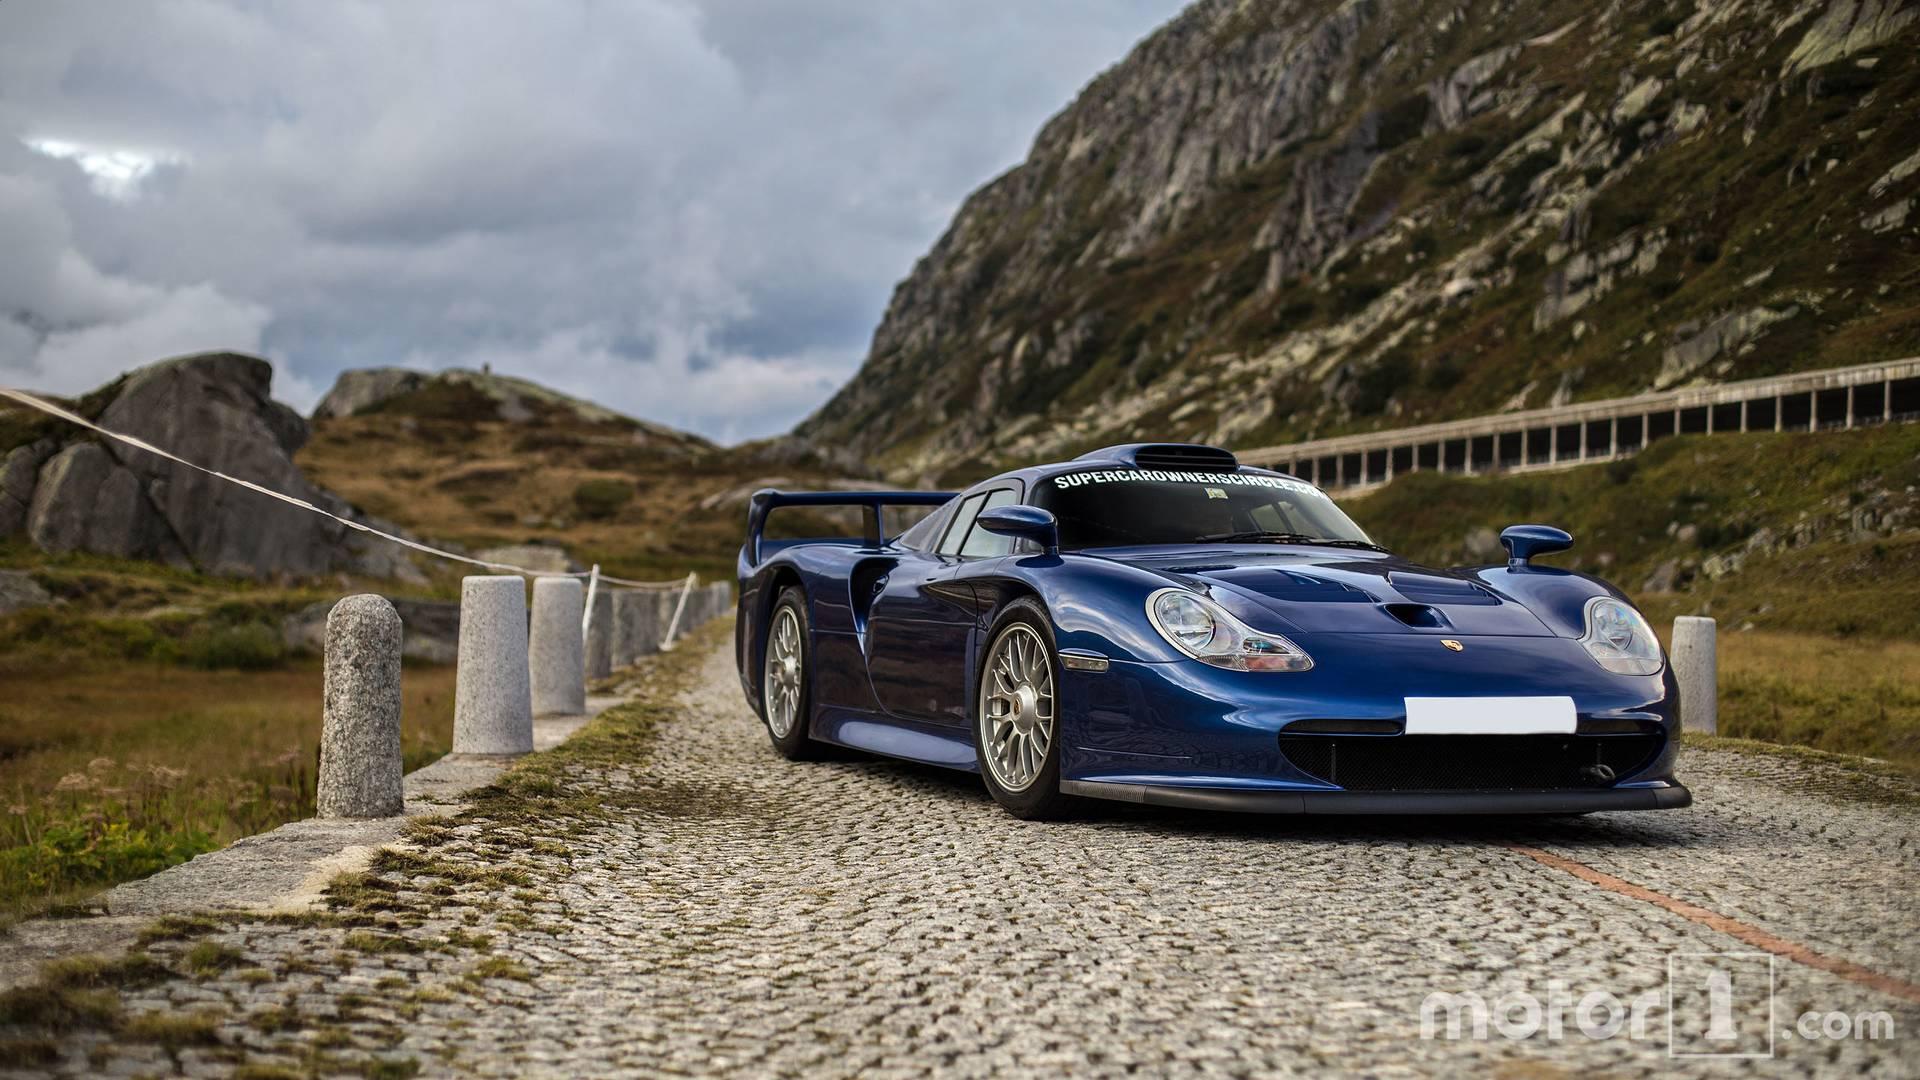 kvc-porsche-911-gt1 Cozy Prix D'une Porsche 911 Gt1 Cars Trend